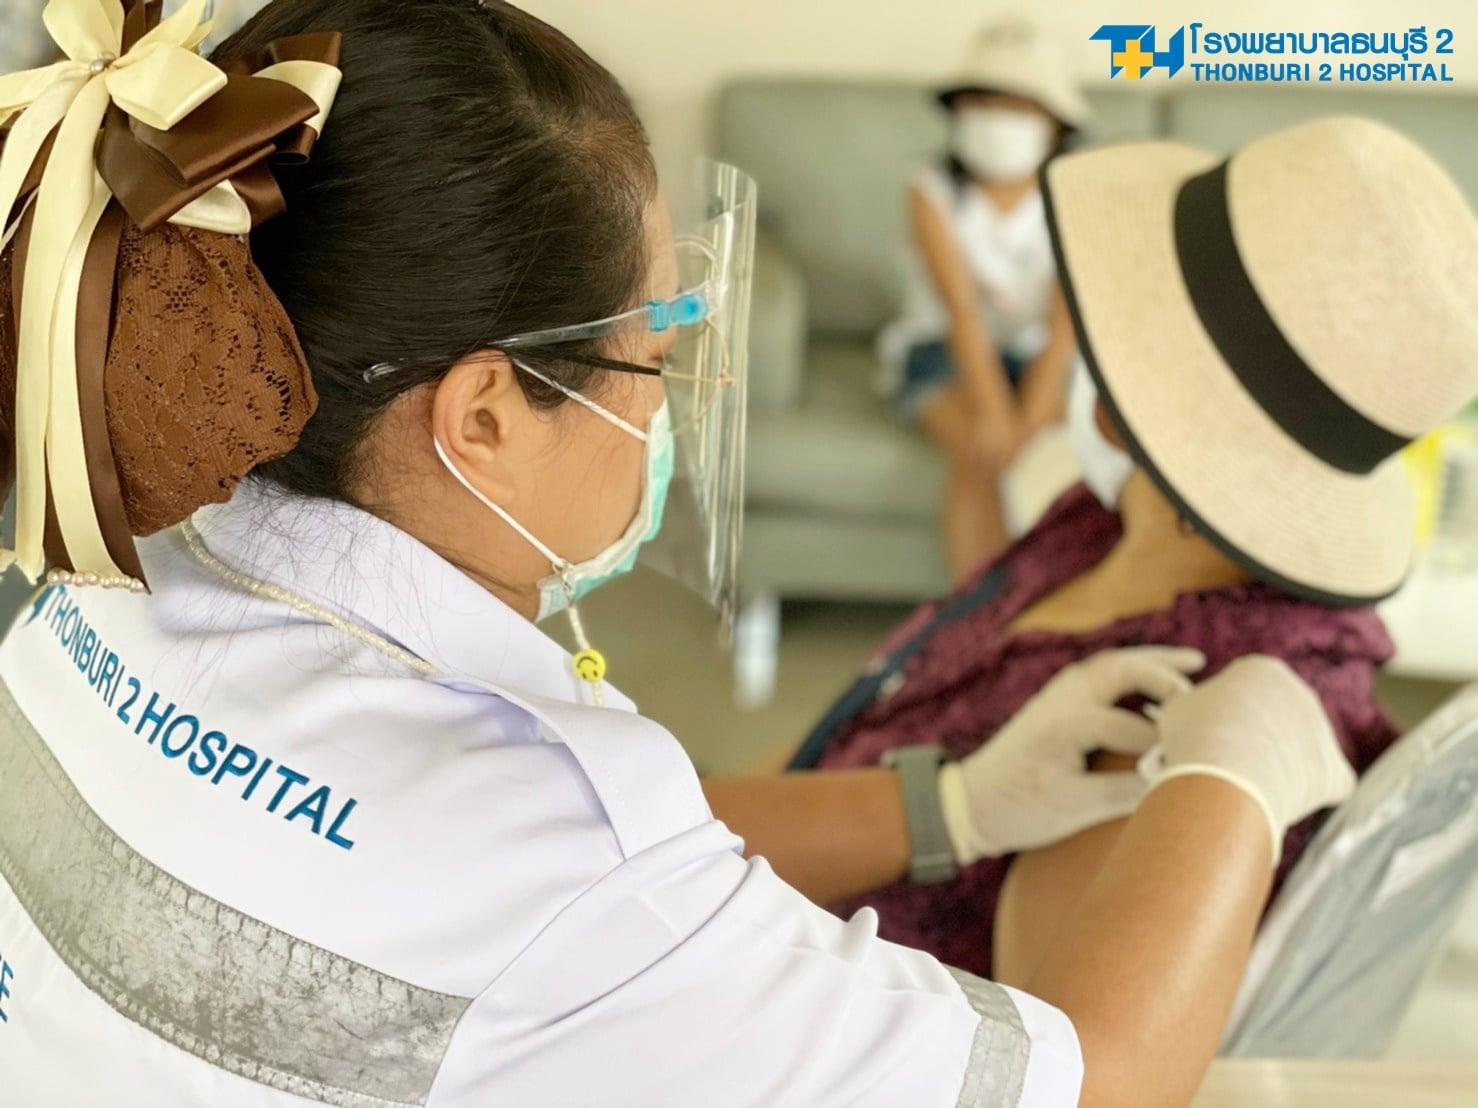 ฉีดวัคซีน - โรงพยาบาลธนบุรี 2 (Thonburi 2 Hospital)